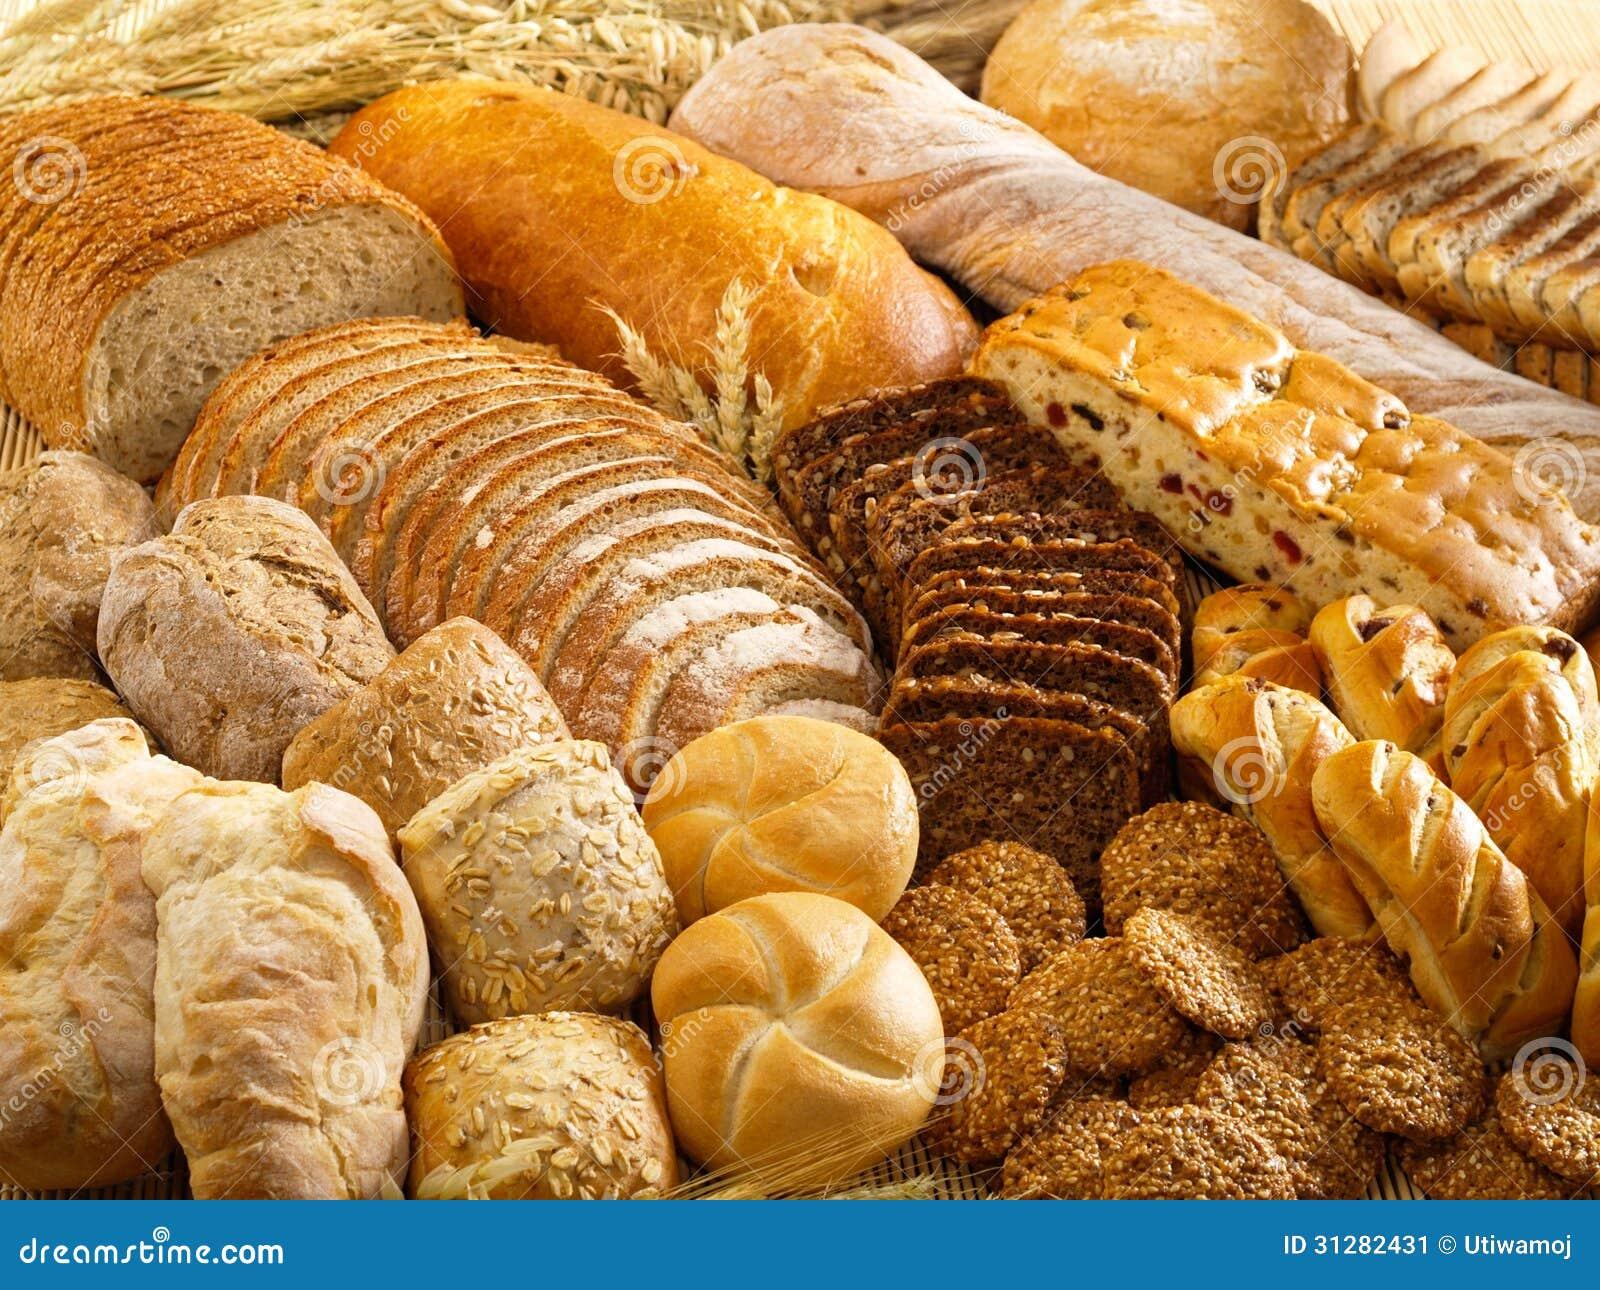 Tasty Gluten Free Foods